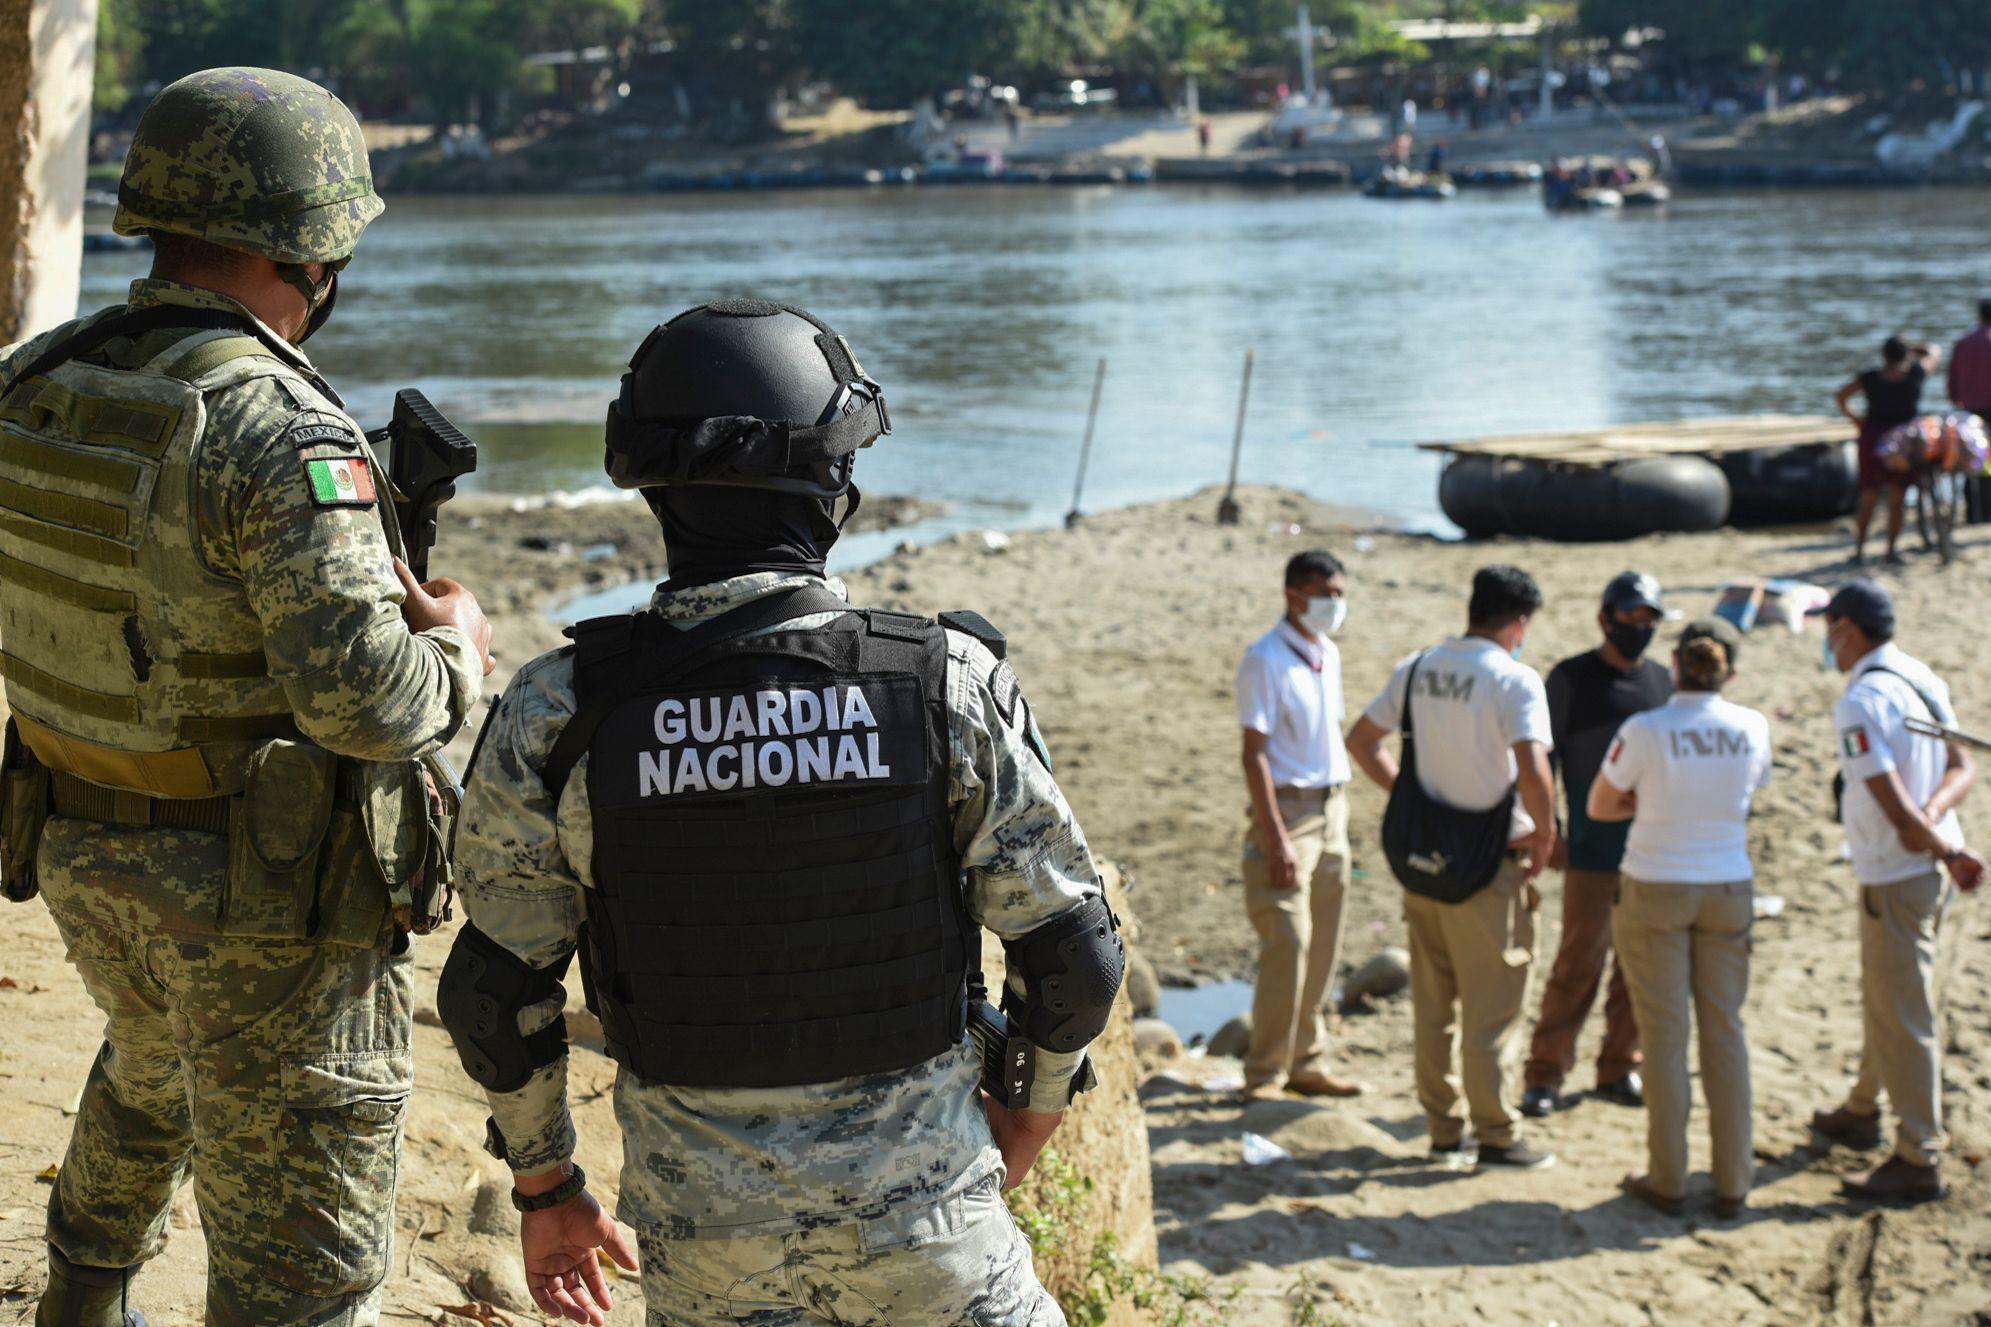 اعضای گارد ملی مکزیک در کنار رودخانه نگهبانی می دهند